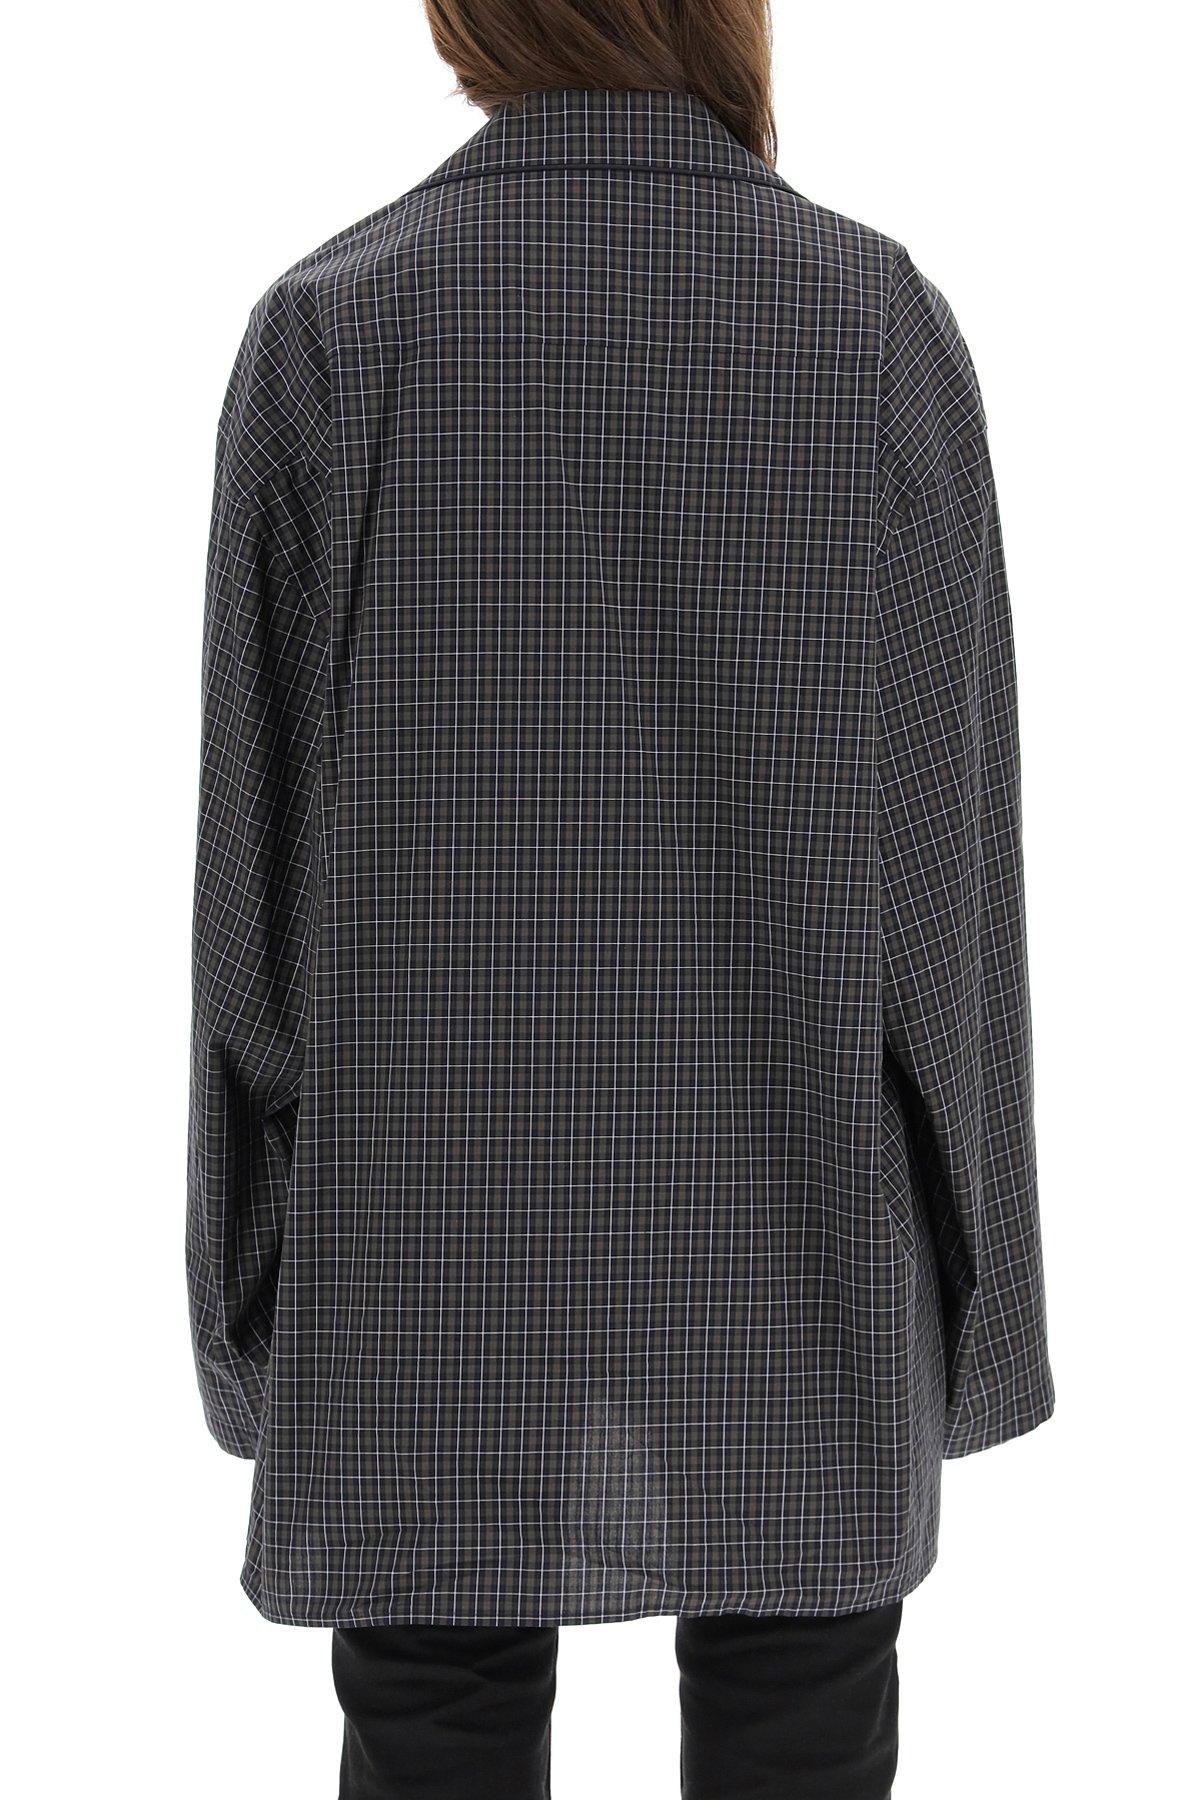 Balenciaga camicia over micro tartan